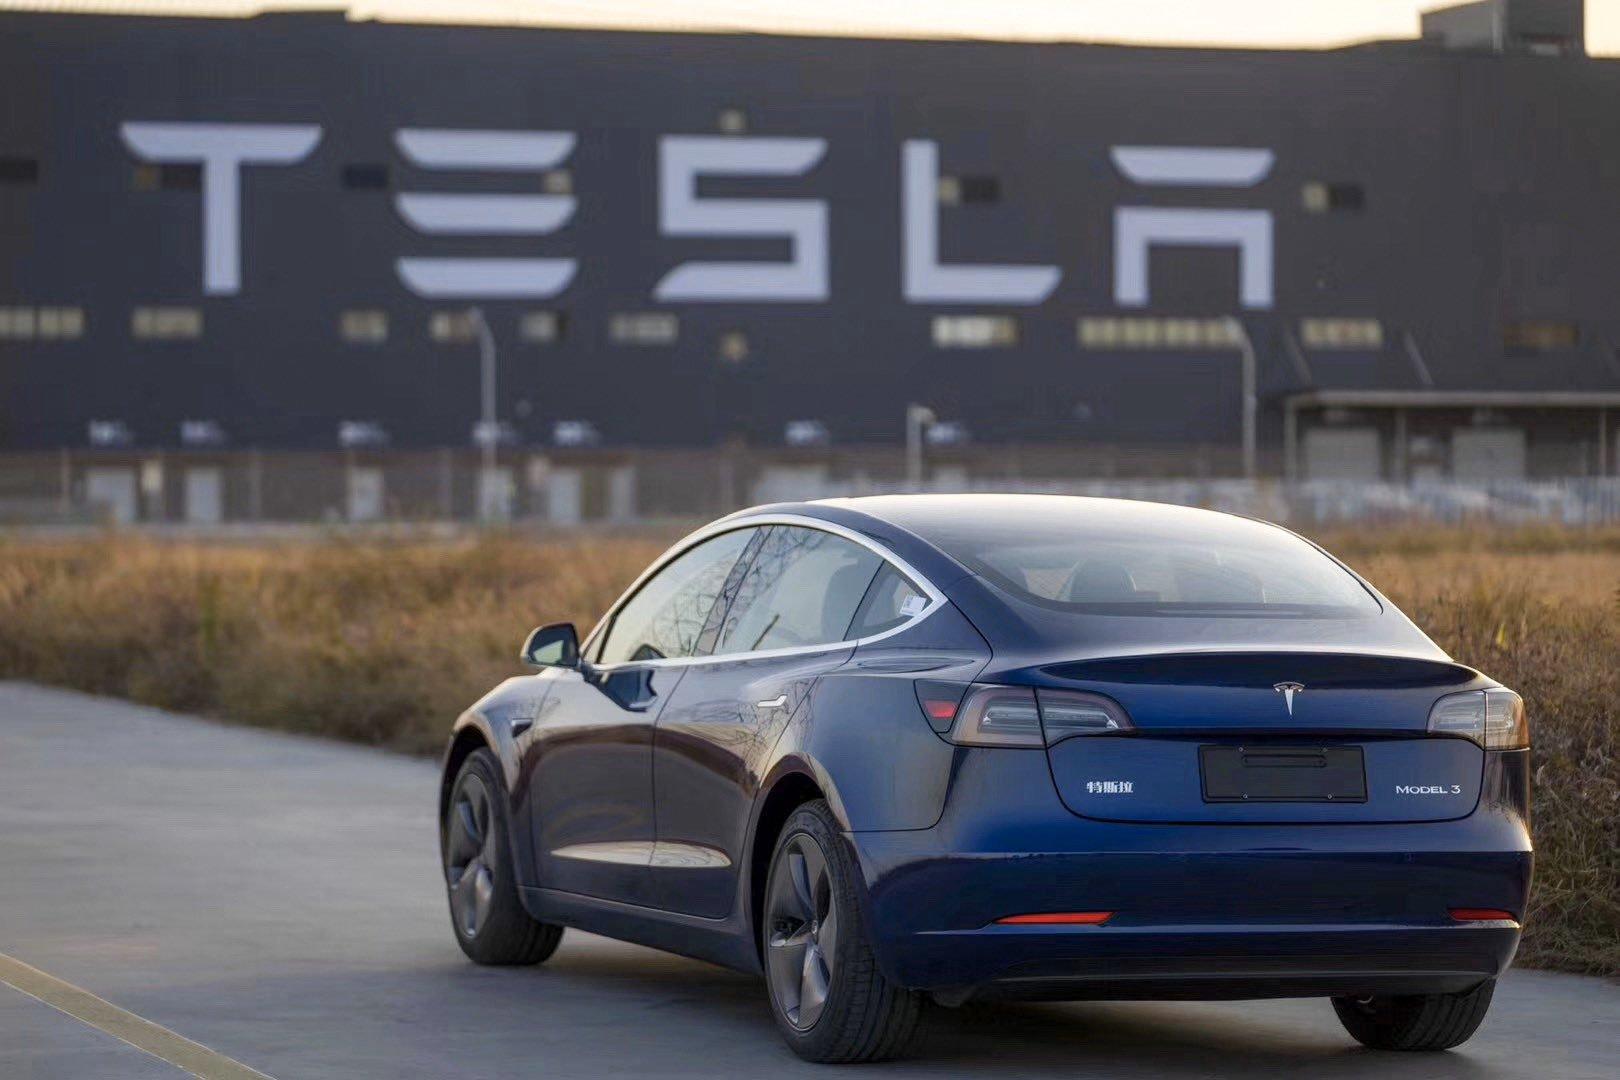 La Tesla Model 3 pourrait compter parmi les modèles concernés par l'accord signé entre DSP Concepts et Bose